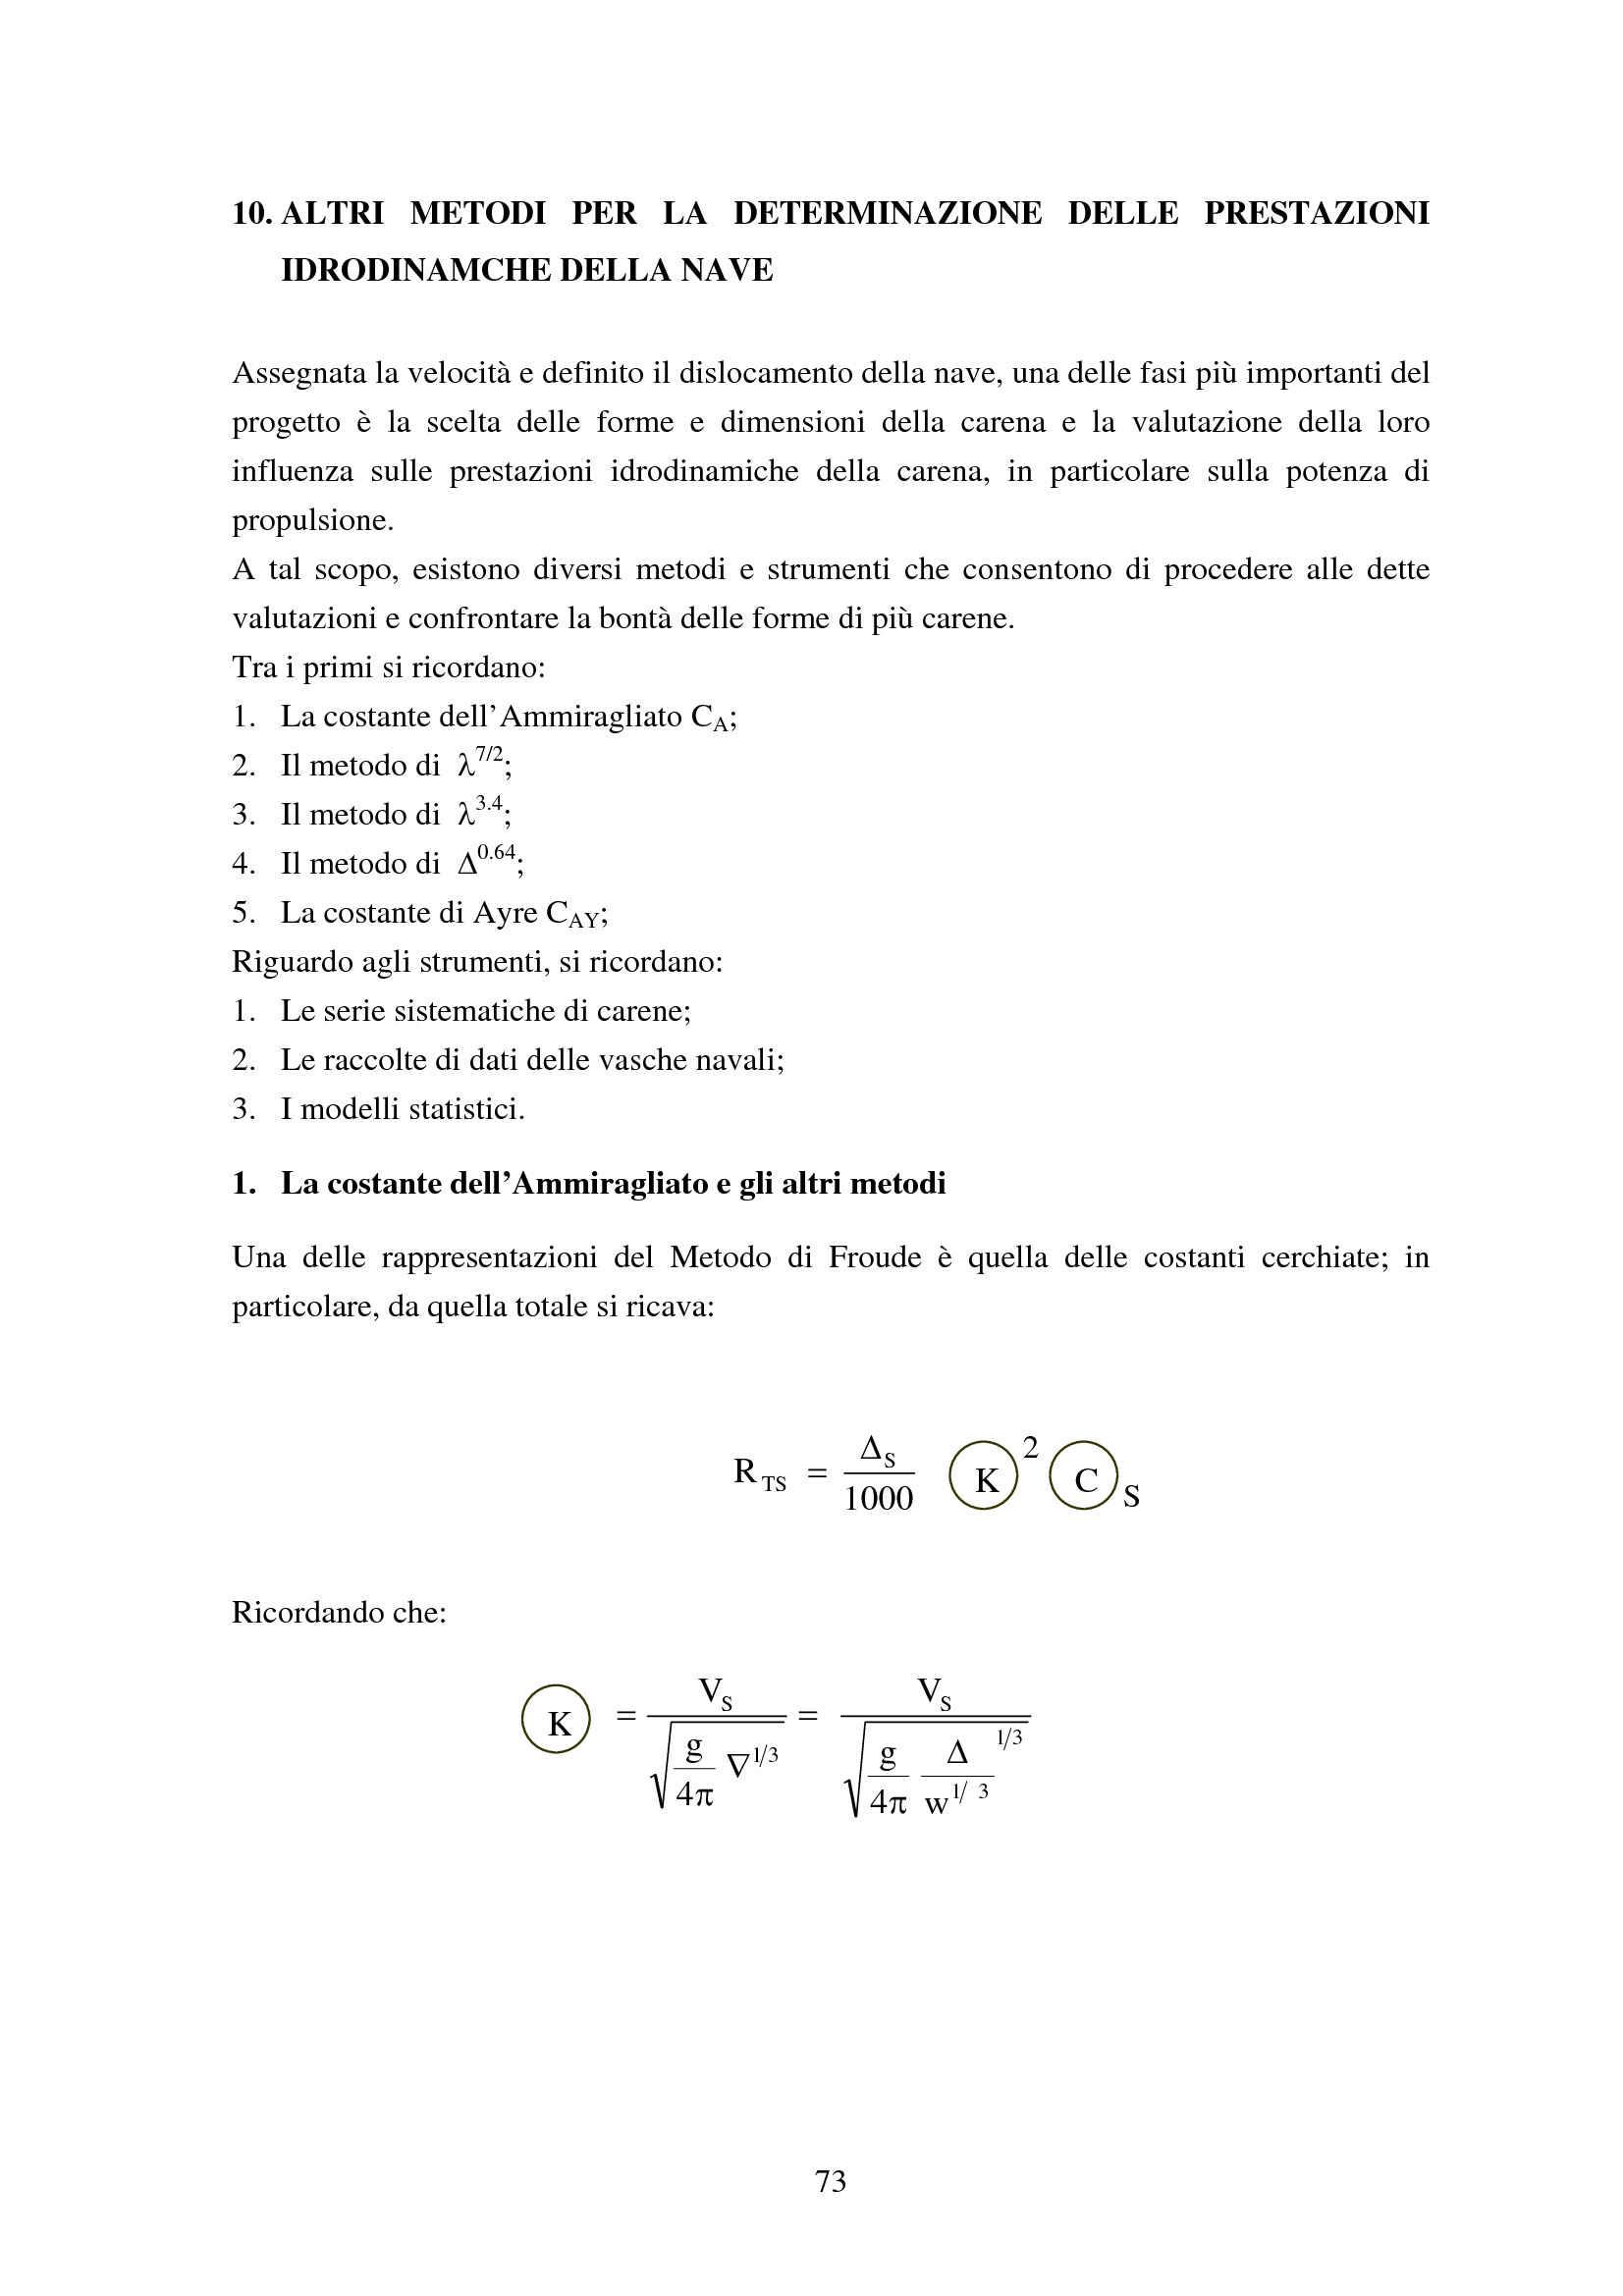 Prestazioni idrodinamiche della nave - Metodi approssimati